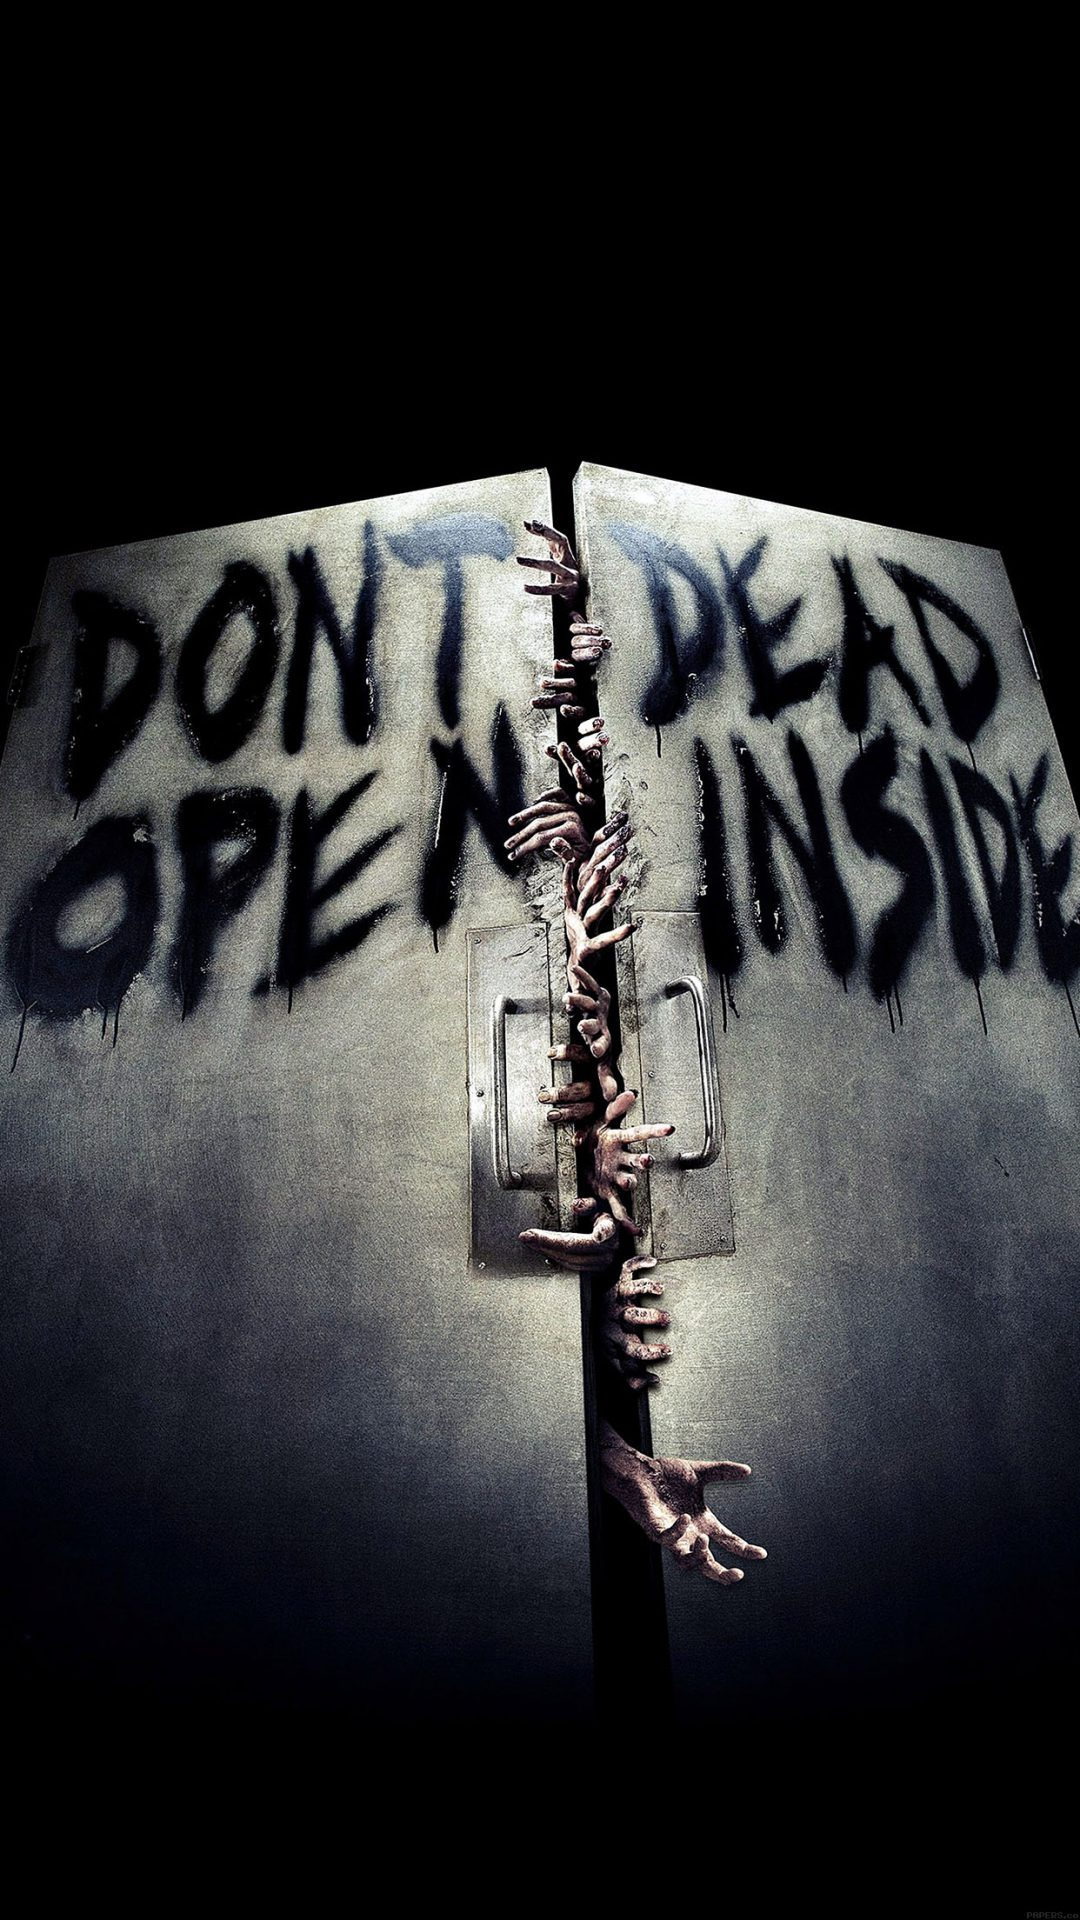 Walking Dead Inside Film Art